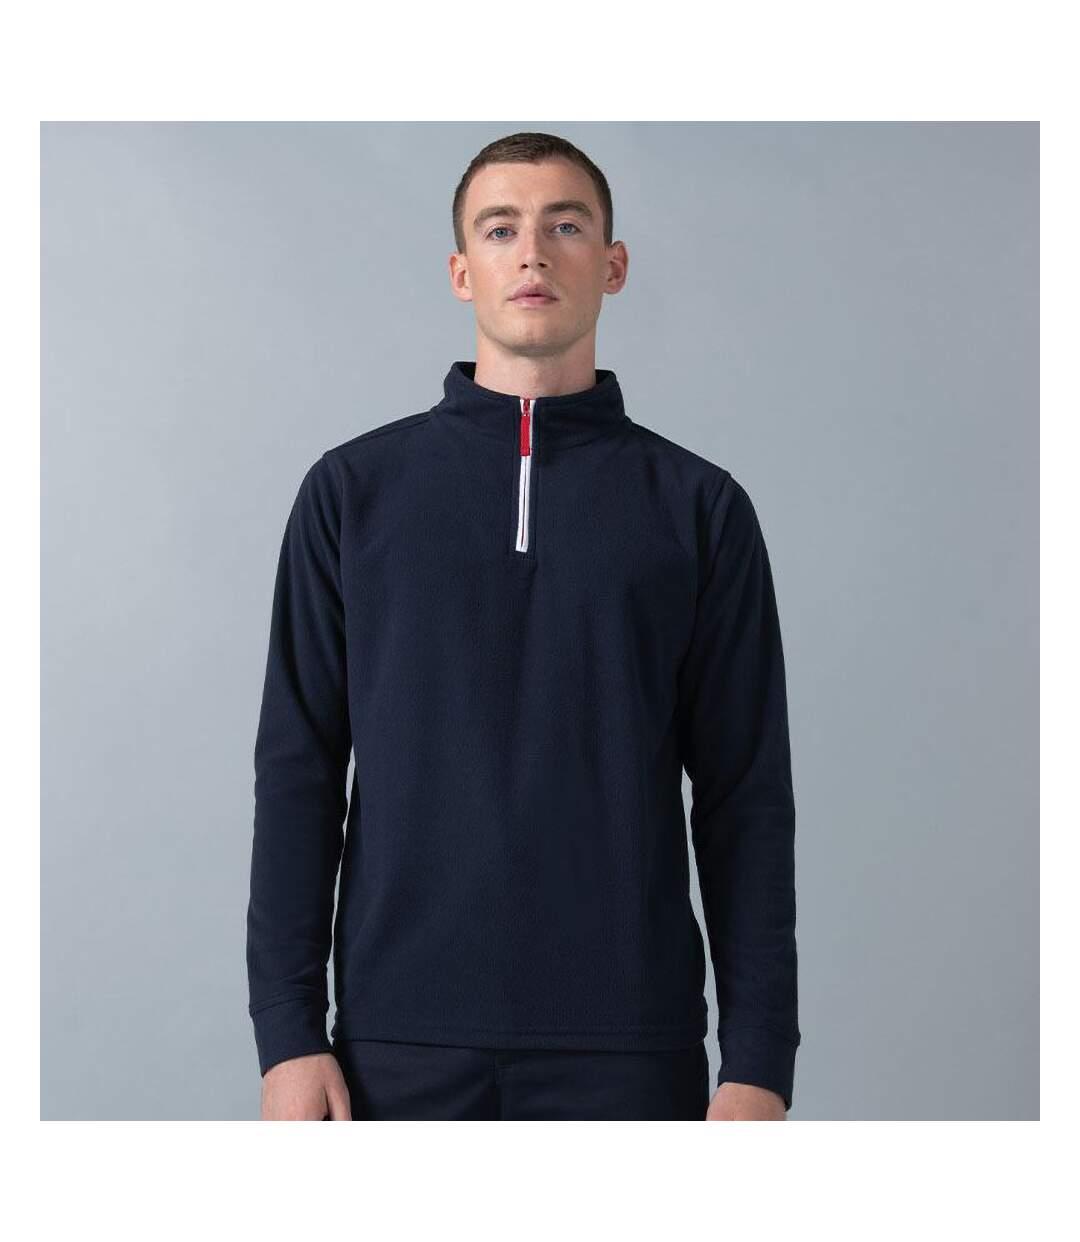 Finden & Hales Mens 1/4 Zip Long Sleeve Piped Fleece Top (Navy/White) - UTRW439